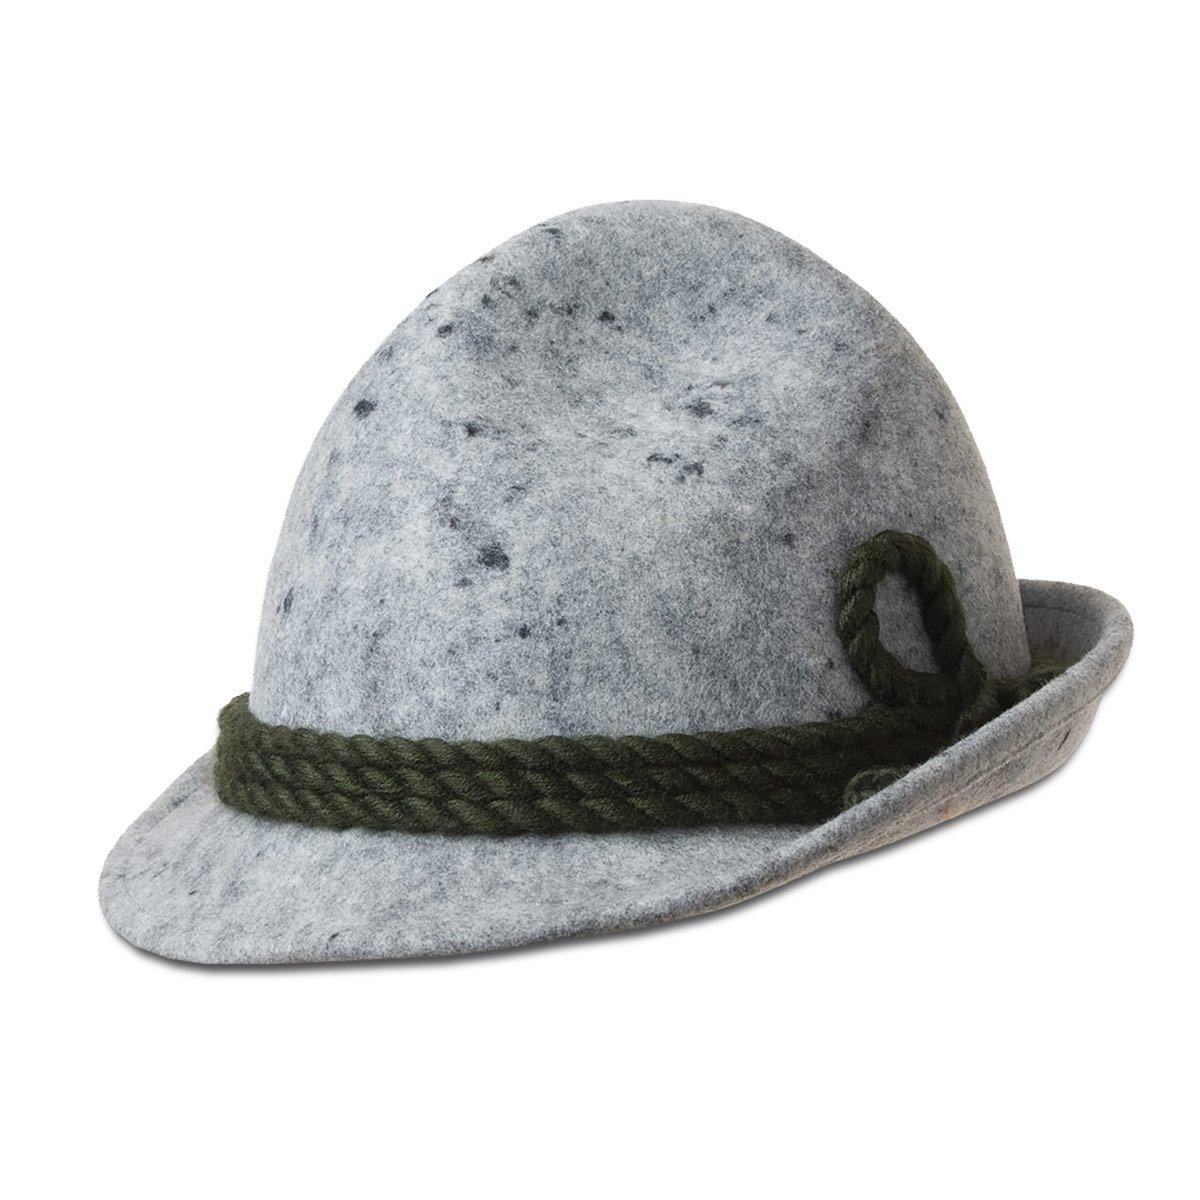 Cappello da montagna in feltro lana lavorato a mano firmato HUTTER 314524a44176